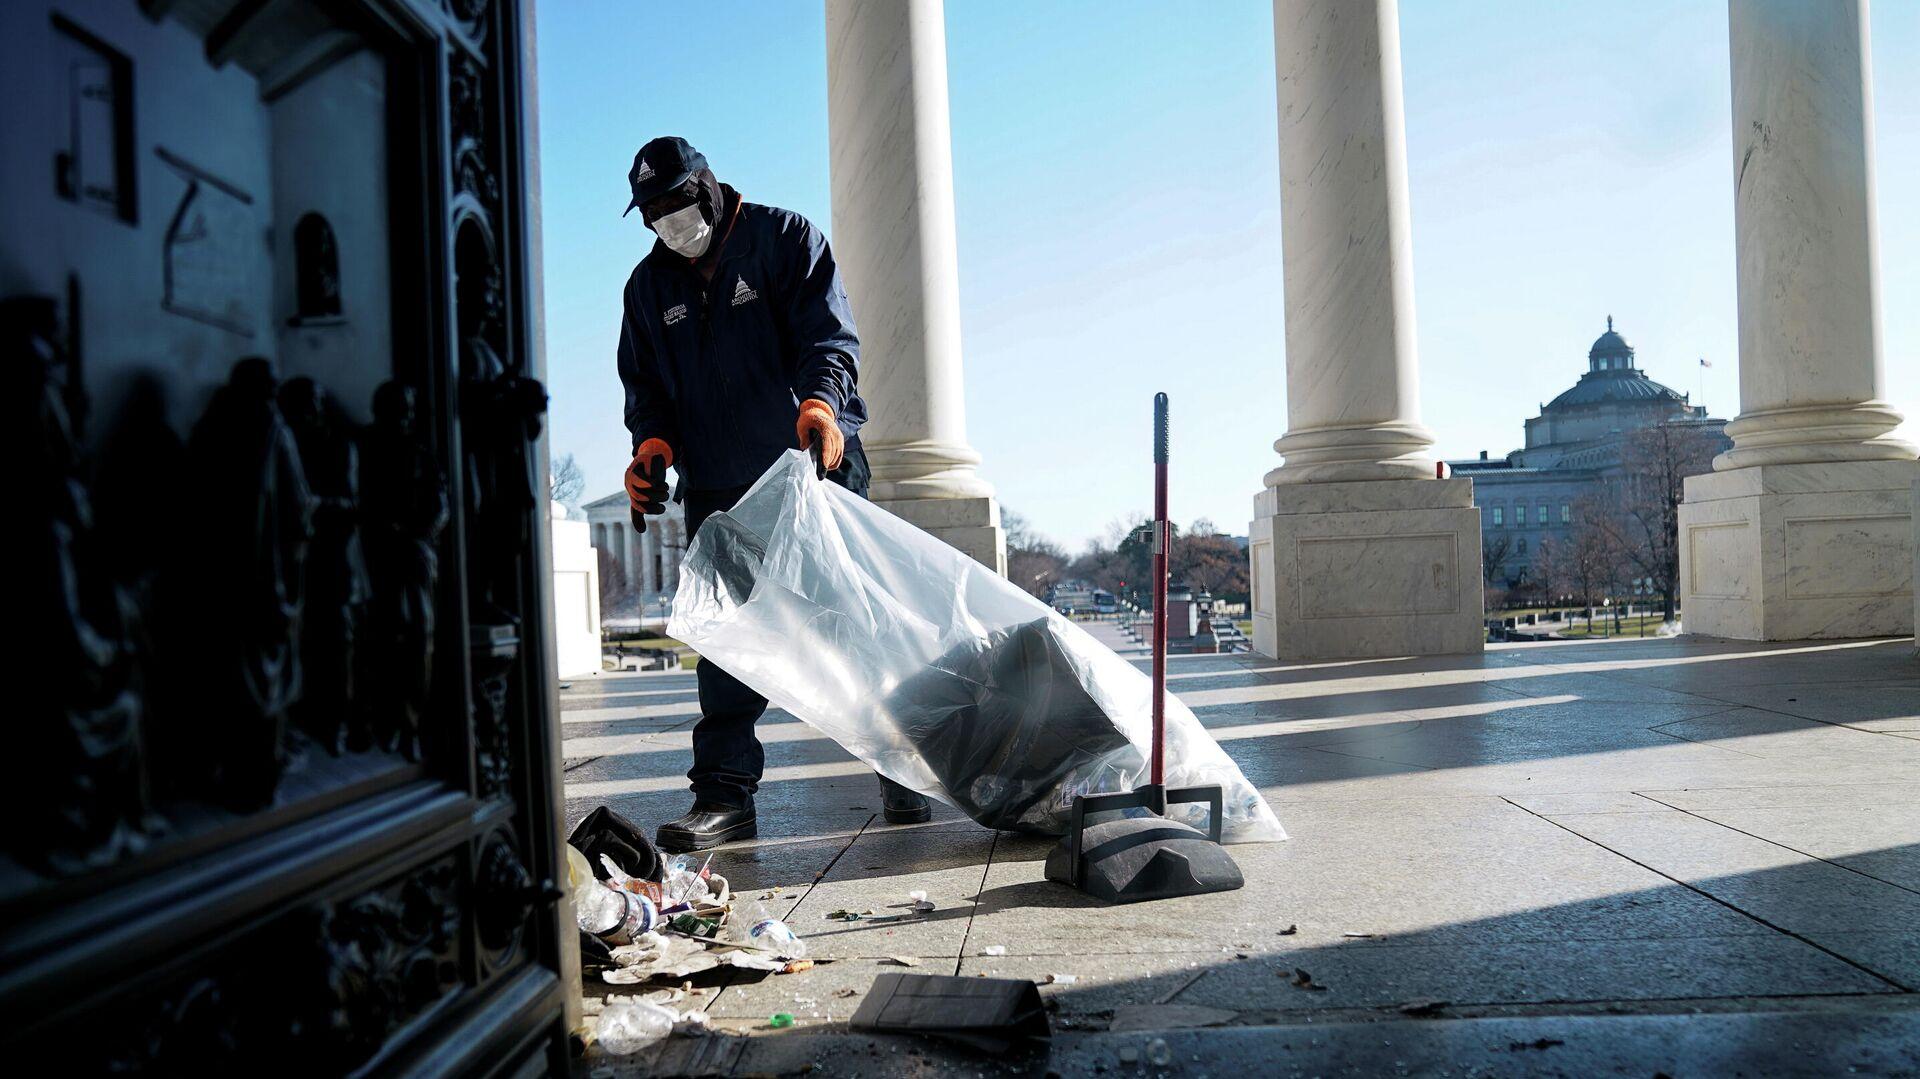 Рабочий убирает мусор возле Капитолия США через день после штурма сторонниками президента США Дональда Трампа - РИА Новости, 1920, 07.01.2021